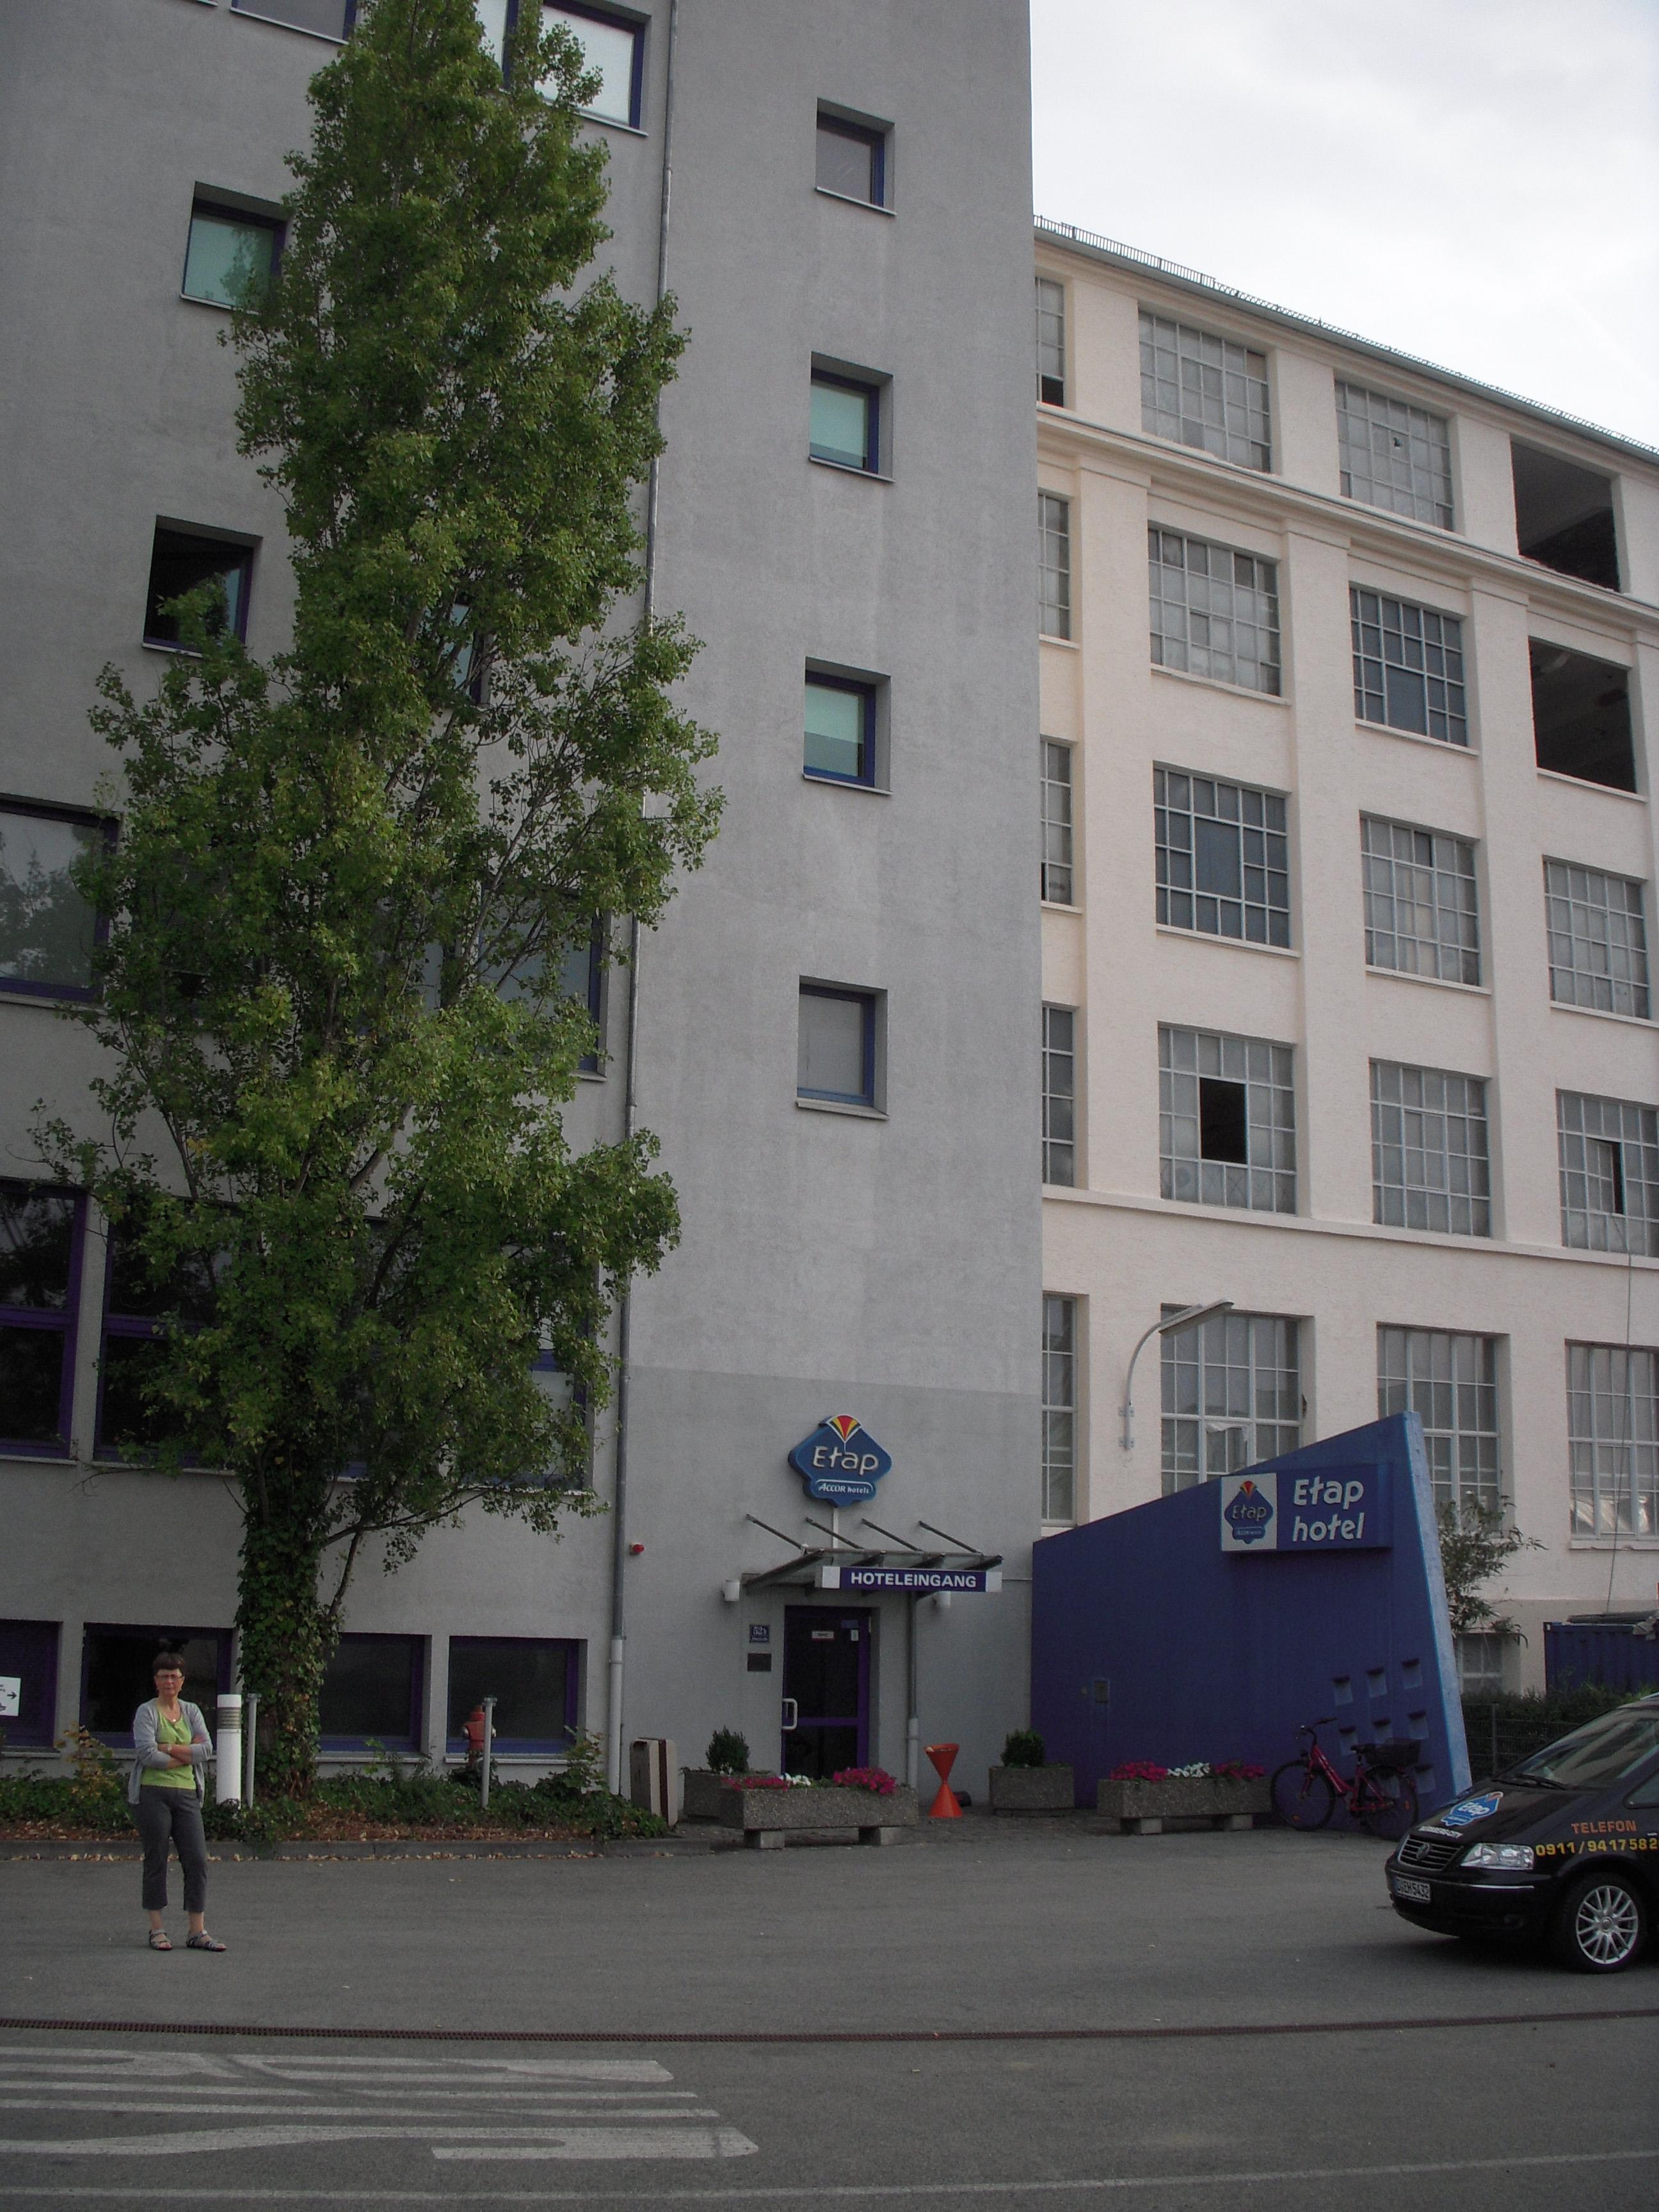 Ibis Etap Hotel Hamburg Buchen